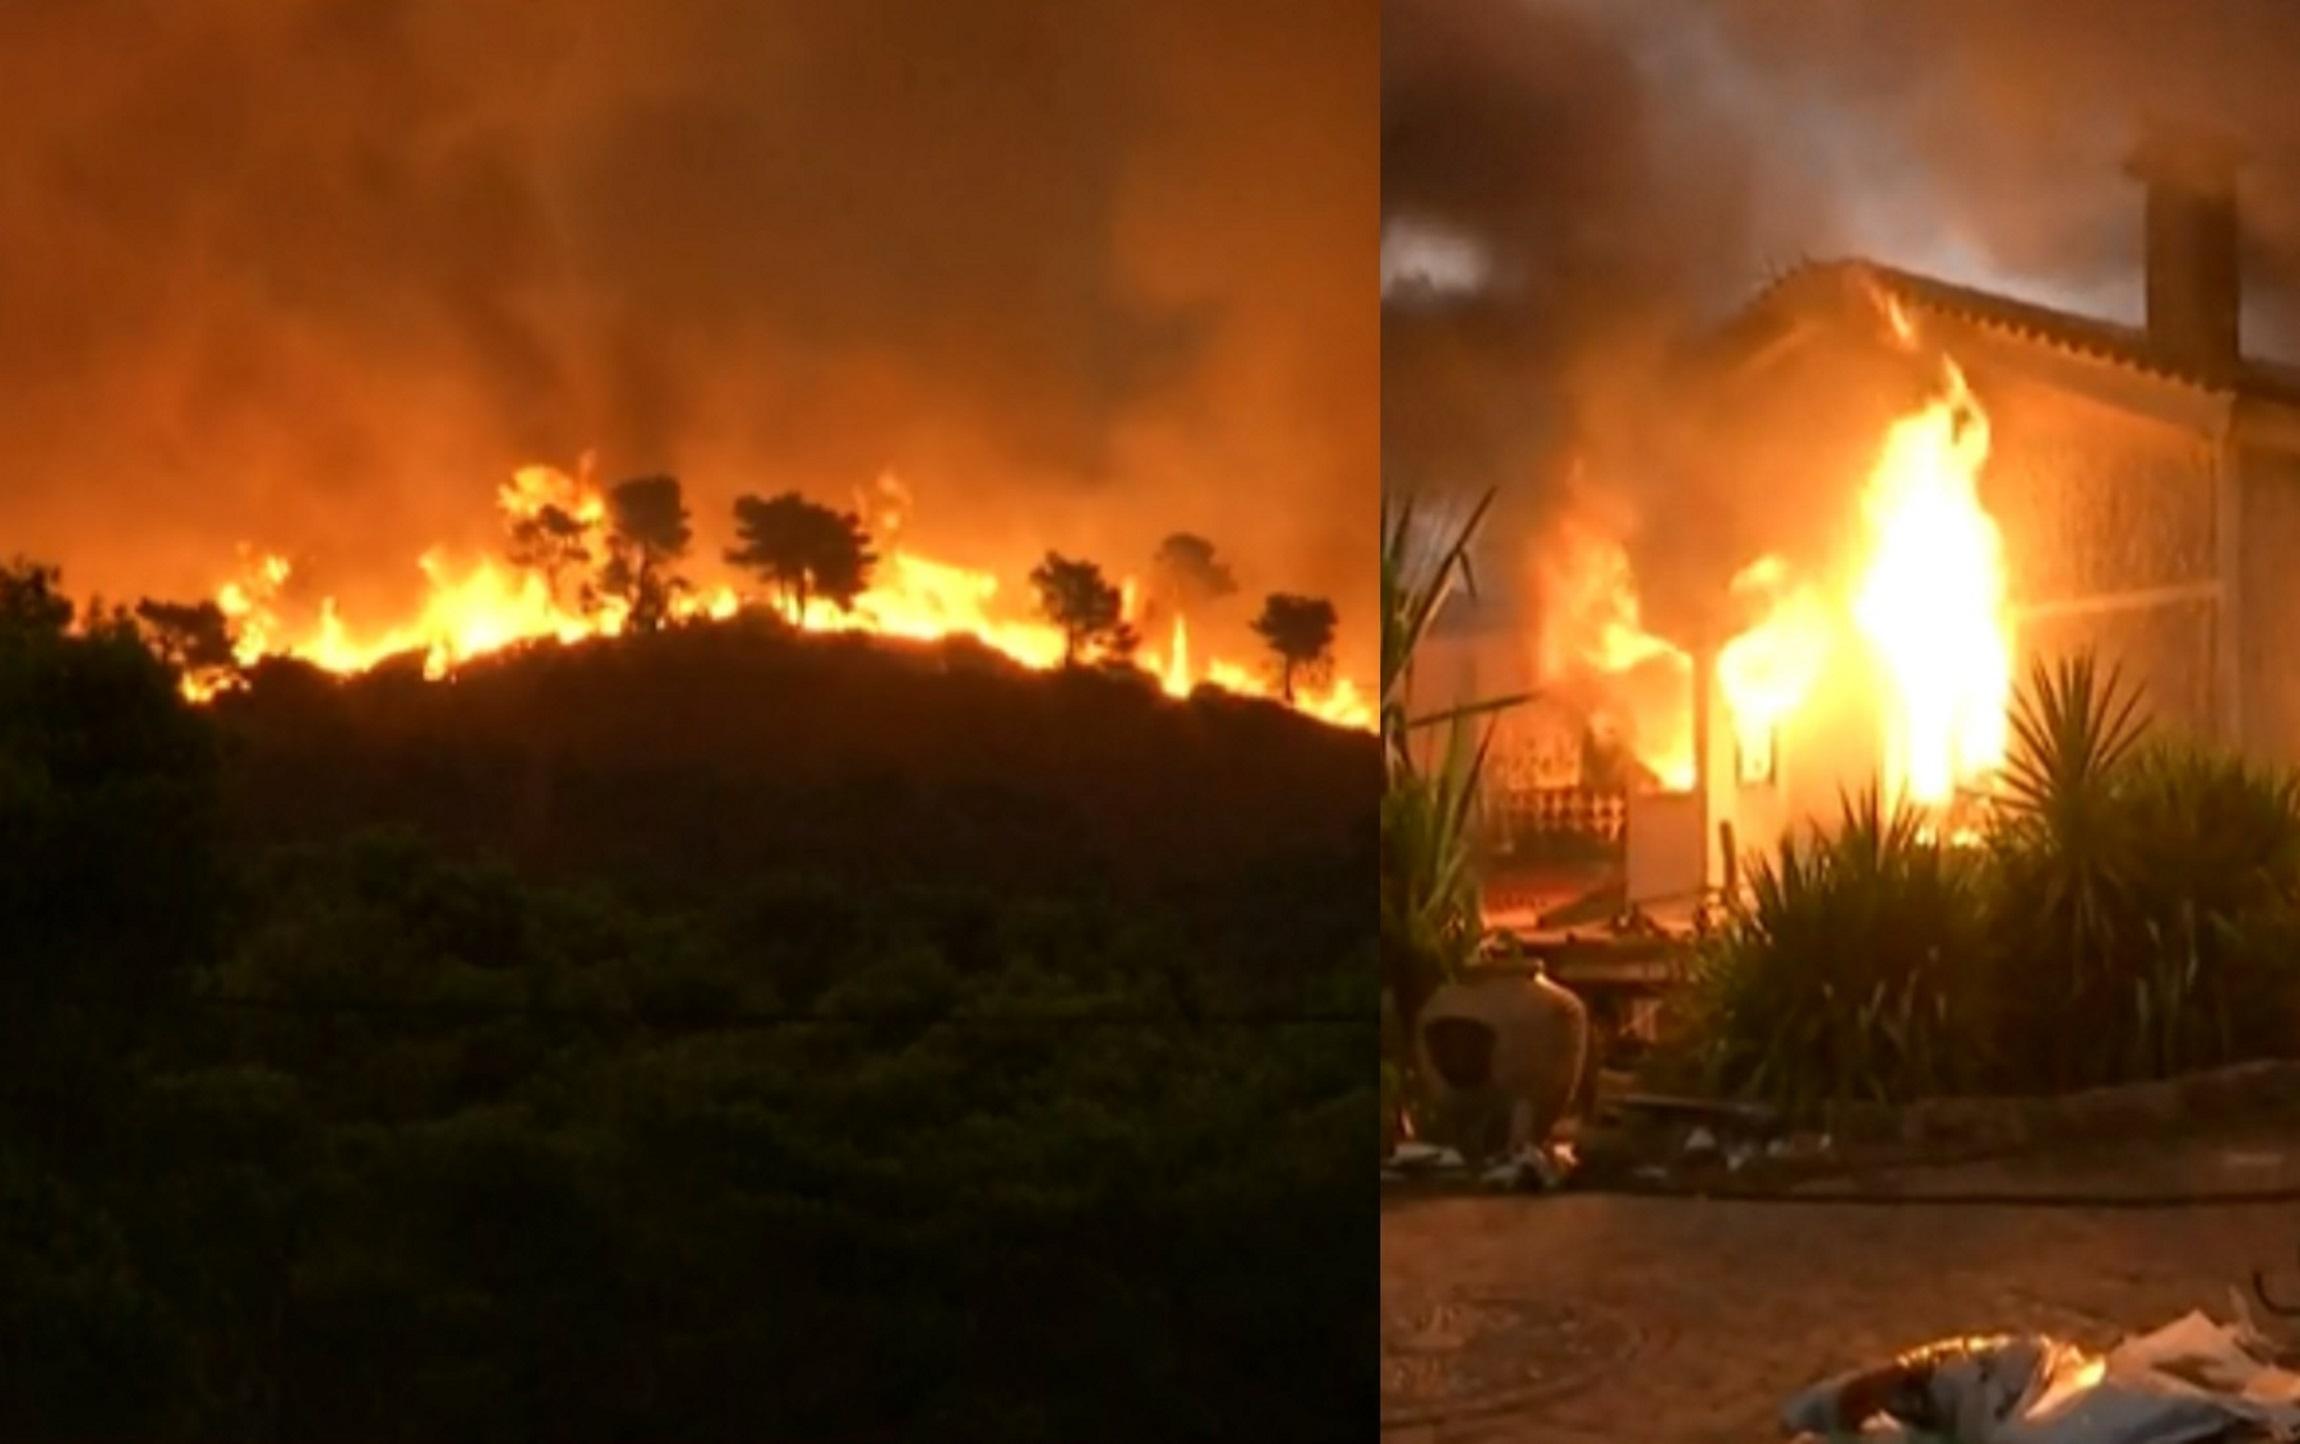 Φωτιά στη Βαρυμπόμπη: Δύσκολη η κατάσταση στους Θρακομακεδόνες – Ισχυρό το πύρινο μέτωπο